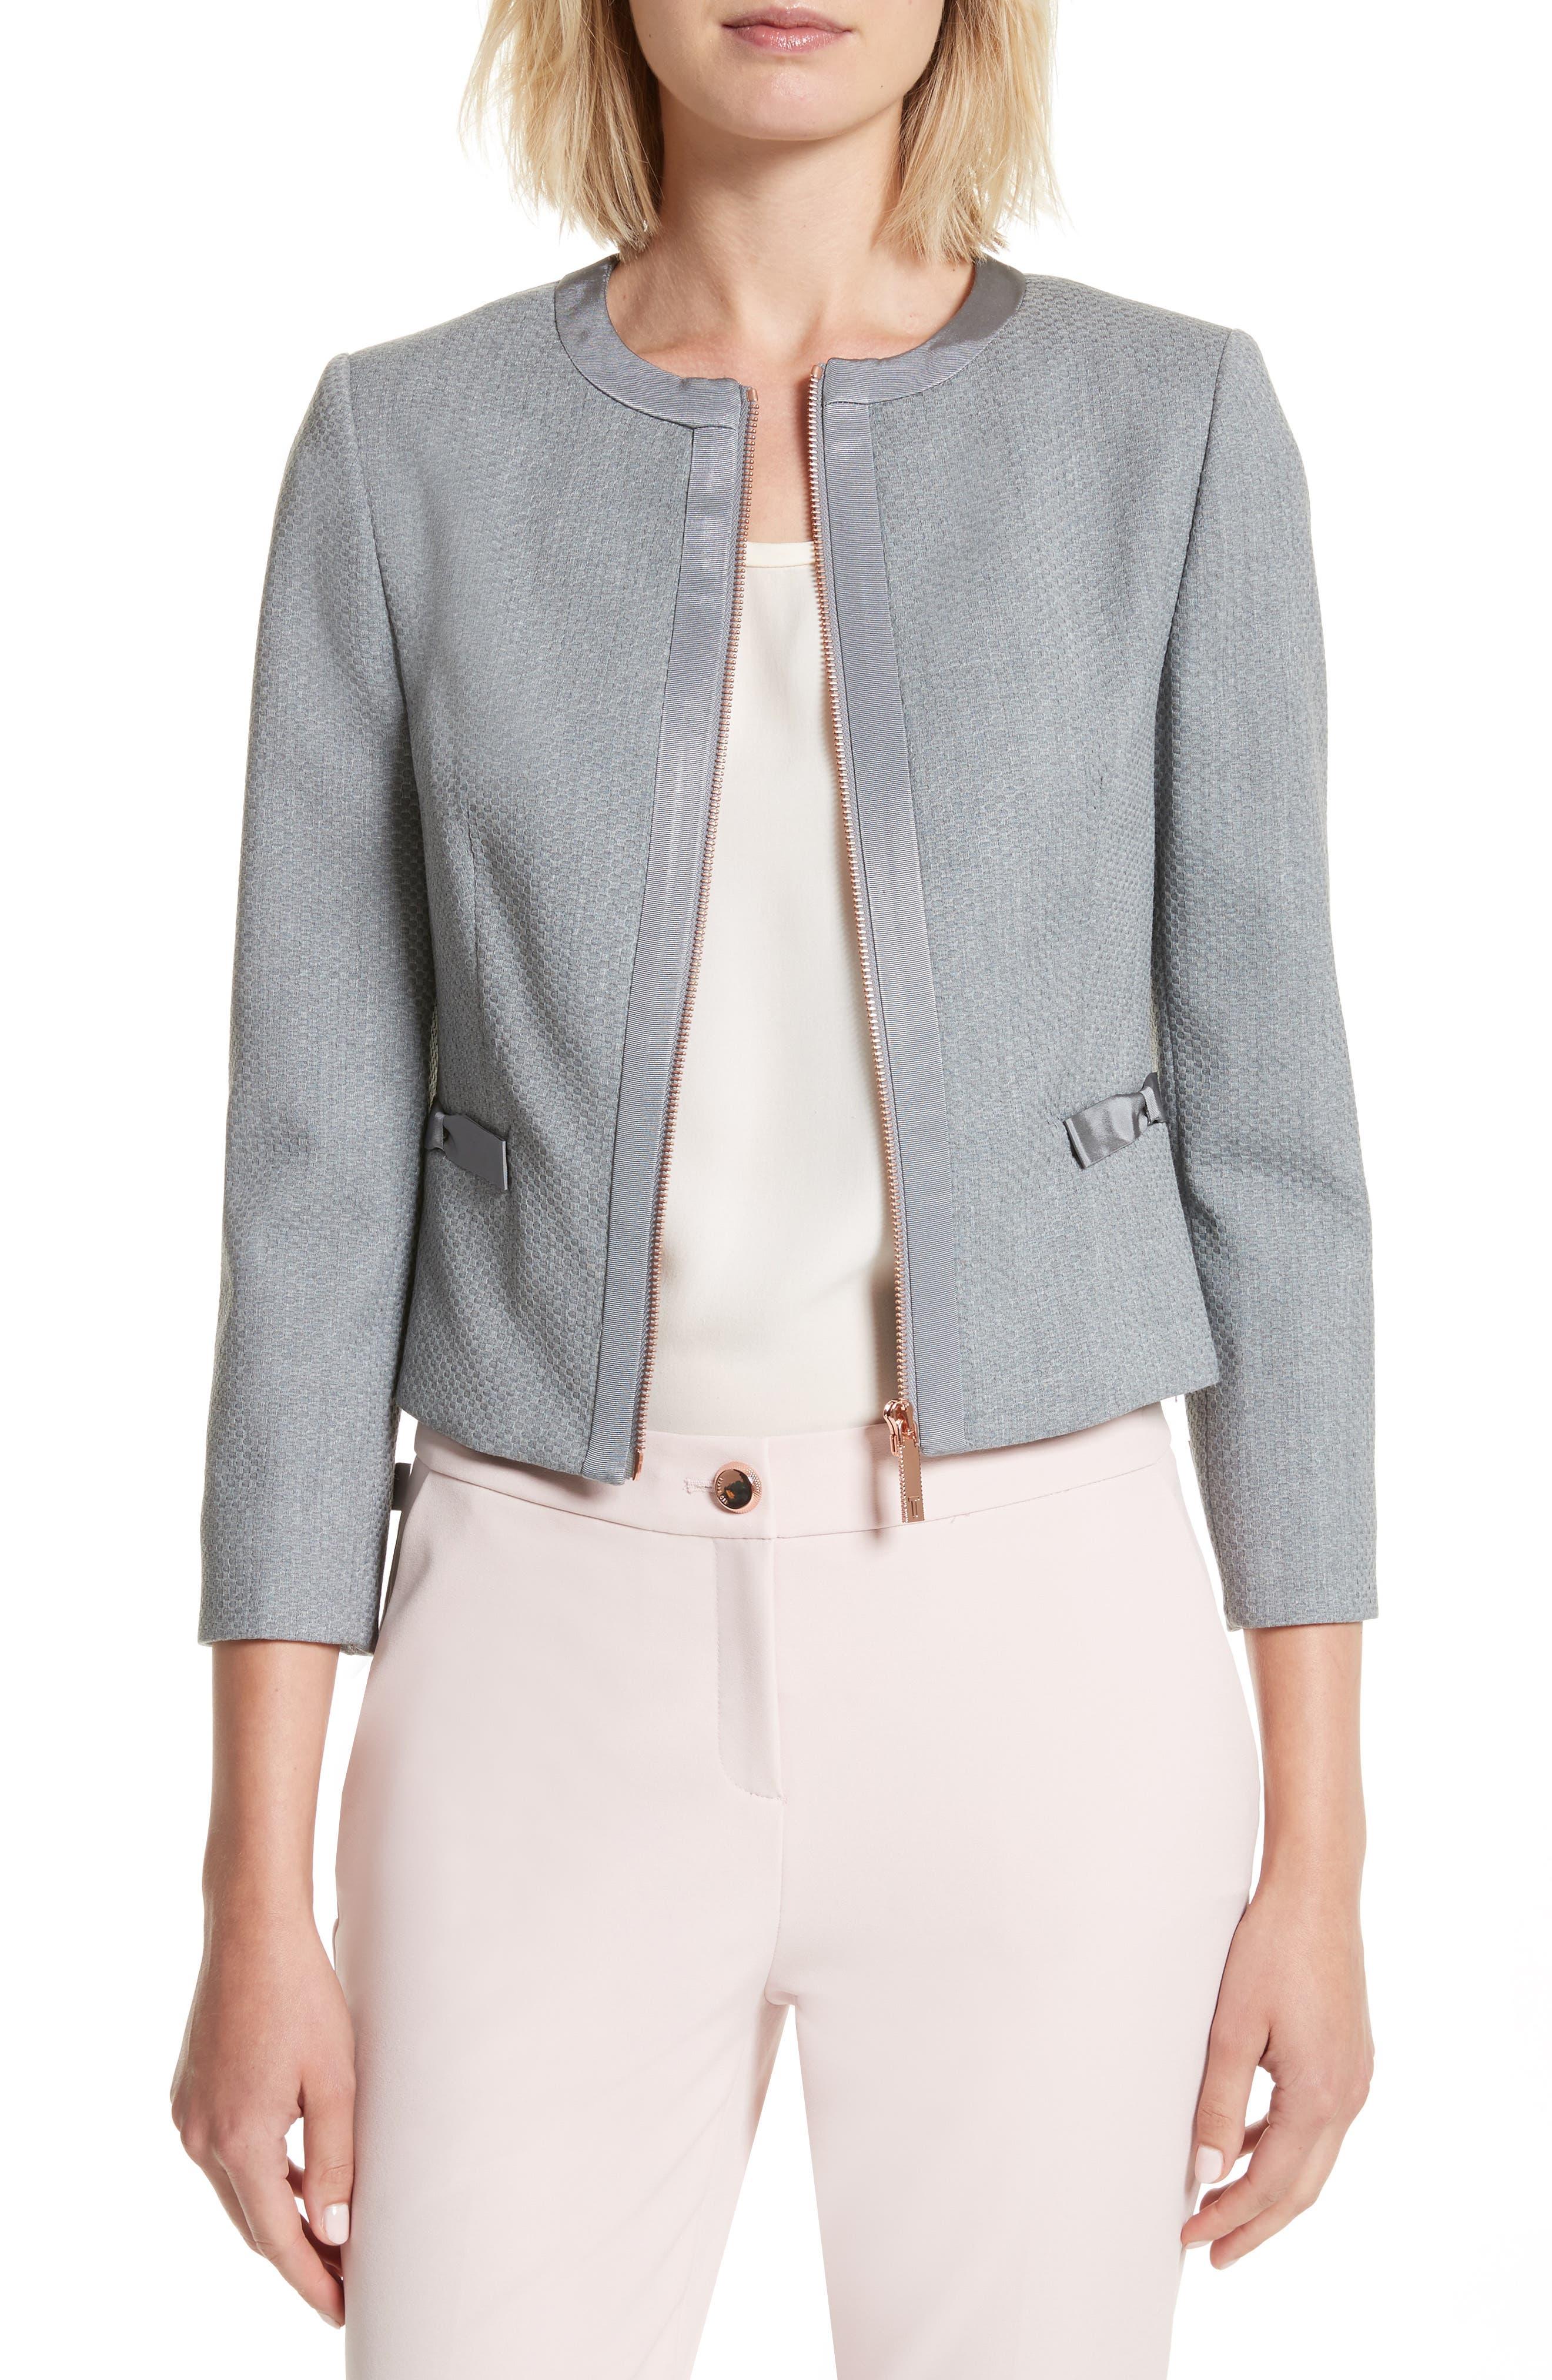 Nadae Bow Detail Crop Jacket,                             Main thumbnail 1, color,                             Mid Grey